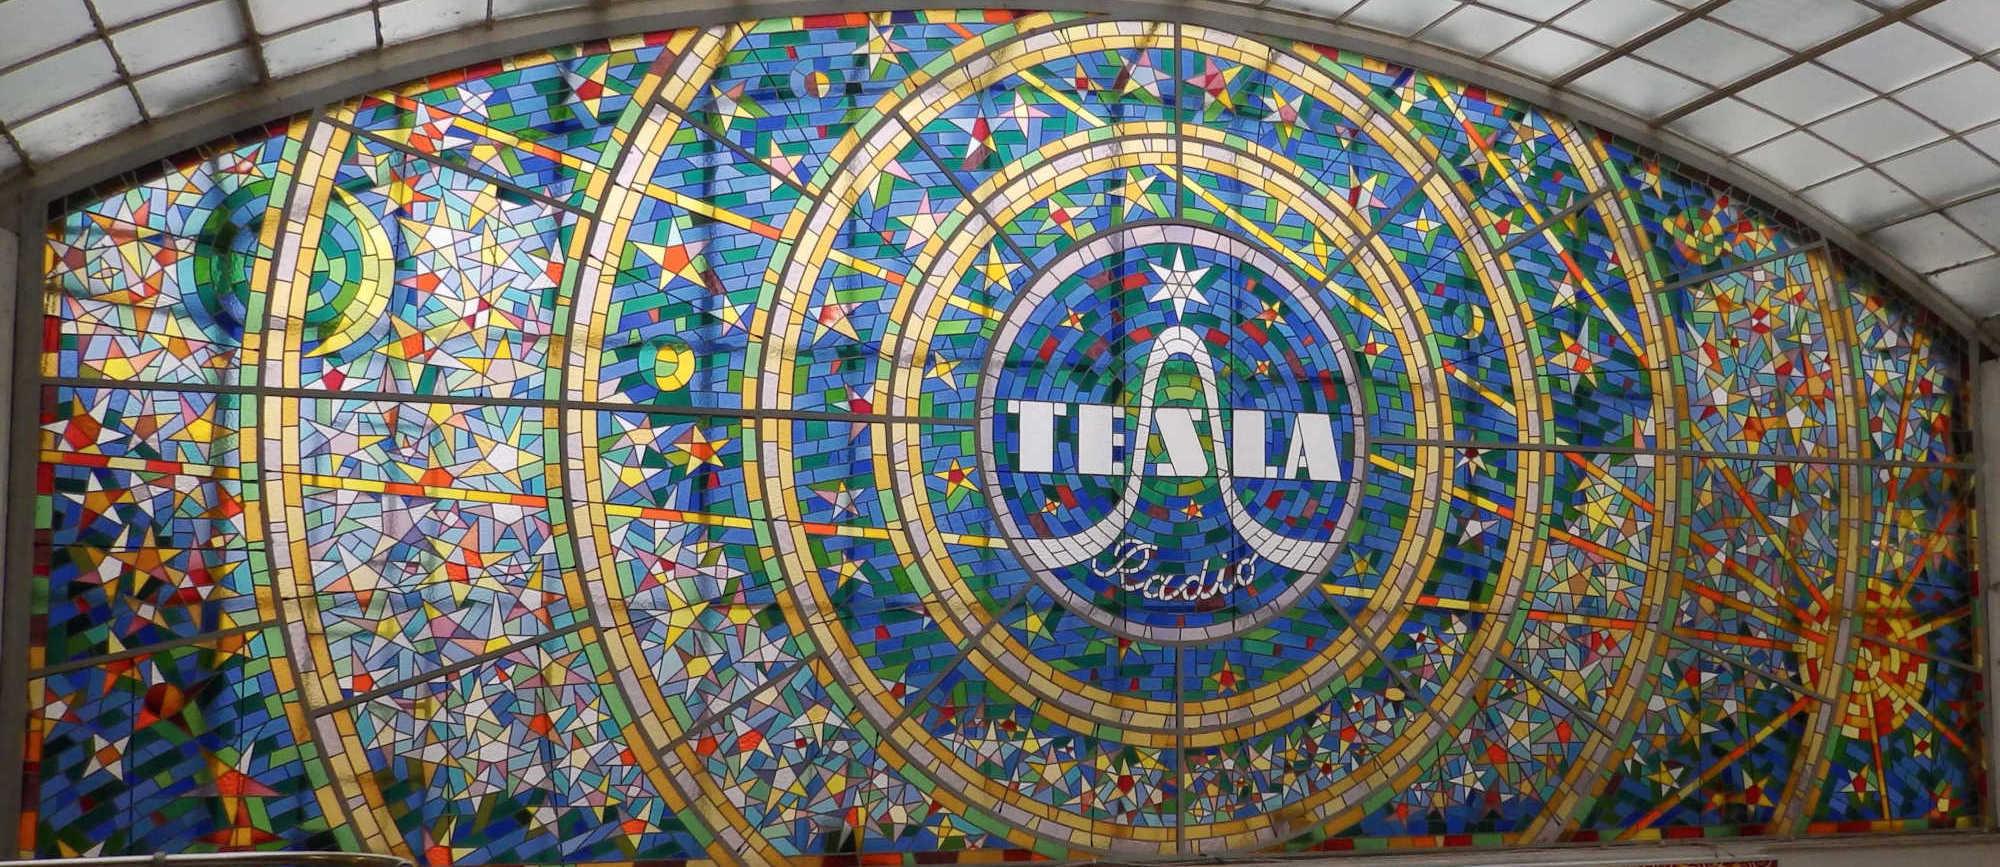 Tesla Banner